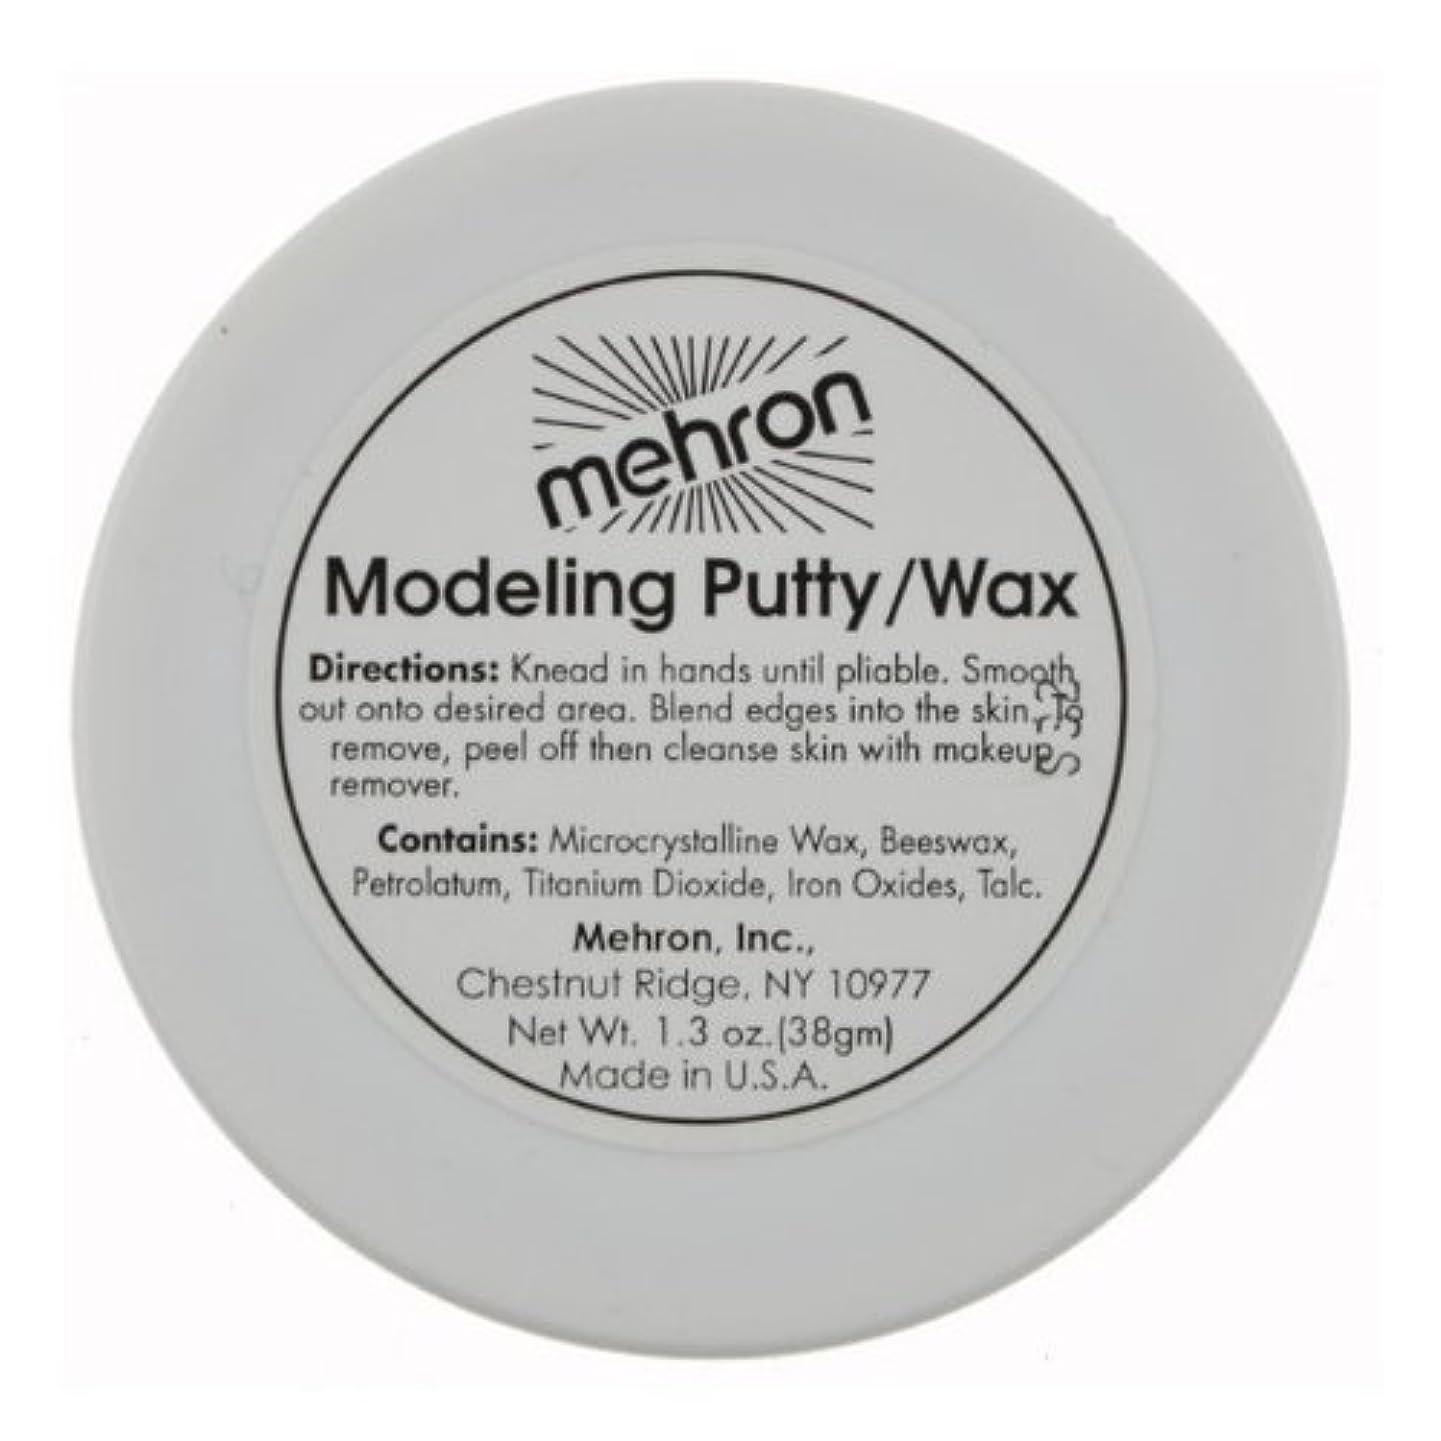 研磨ストライプ丁寧(3 Pack) mehron Modeling Putty/Wax (並行輸入品)